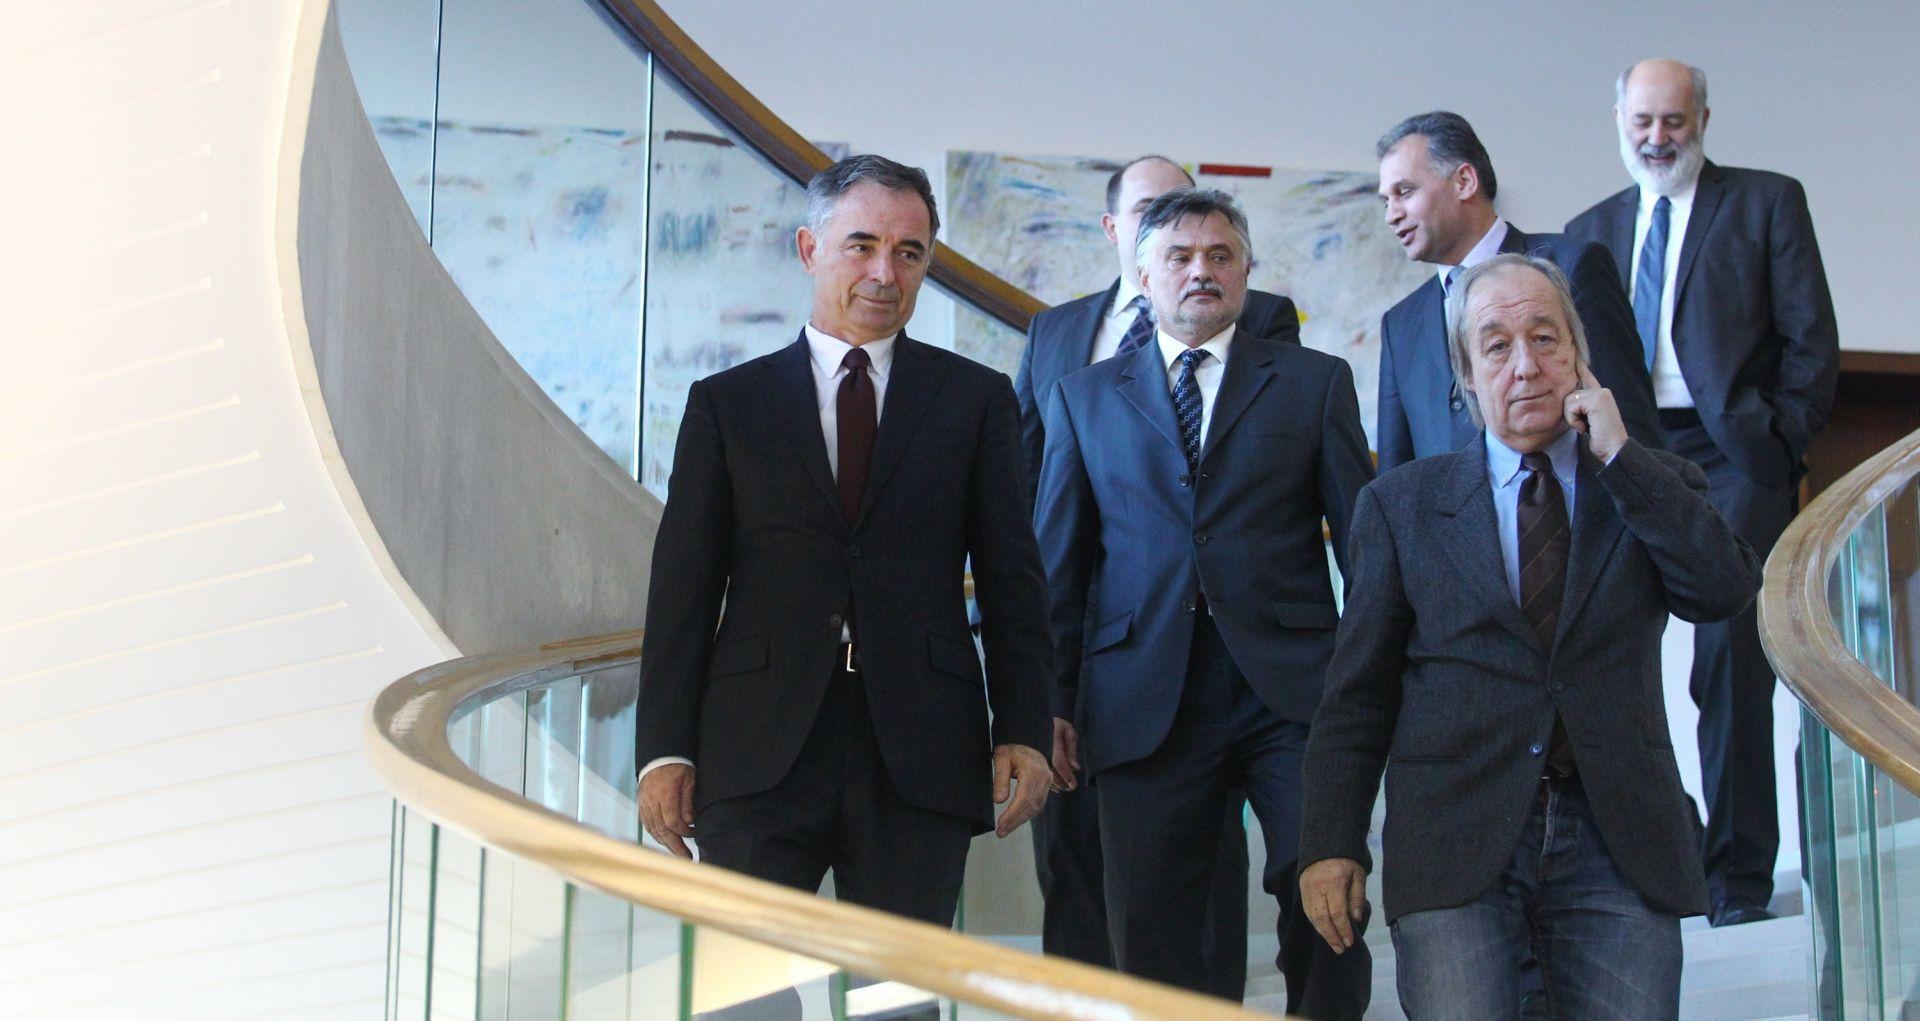 NASTAVAK PREGOVORA: Sastanak HDZ-a i predstavnika nacionalnih manjina